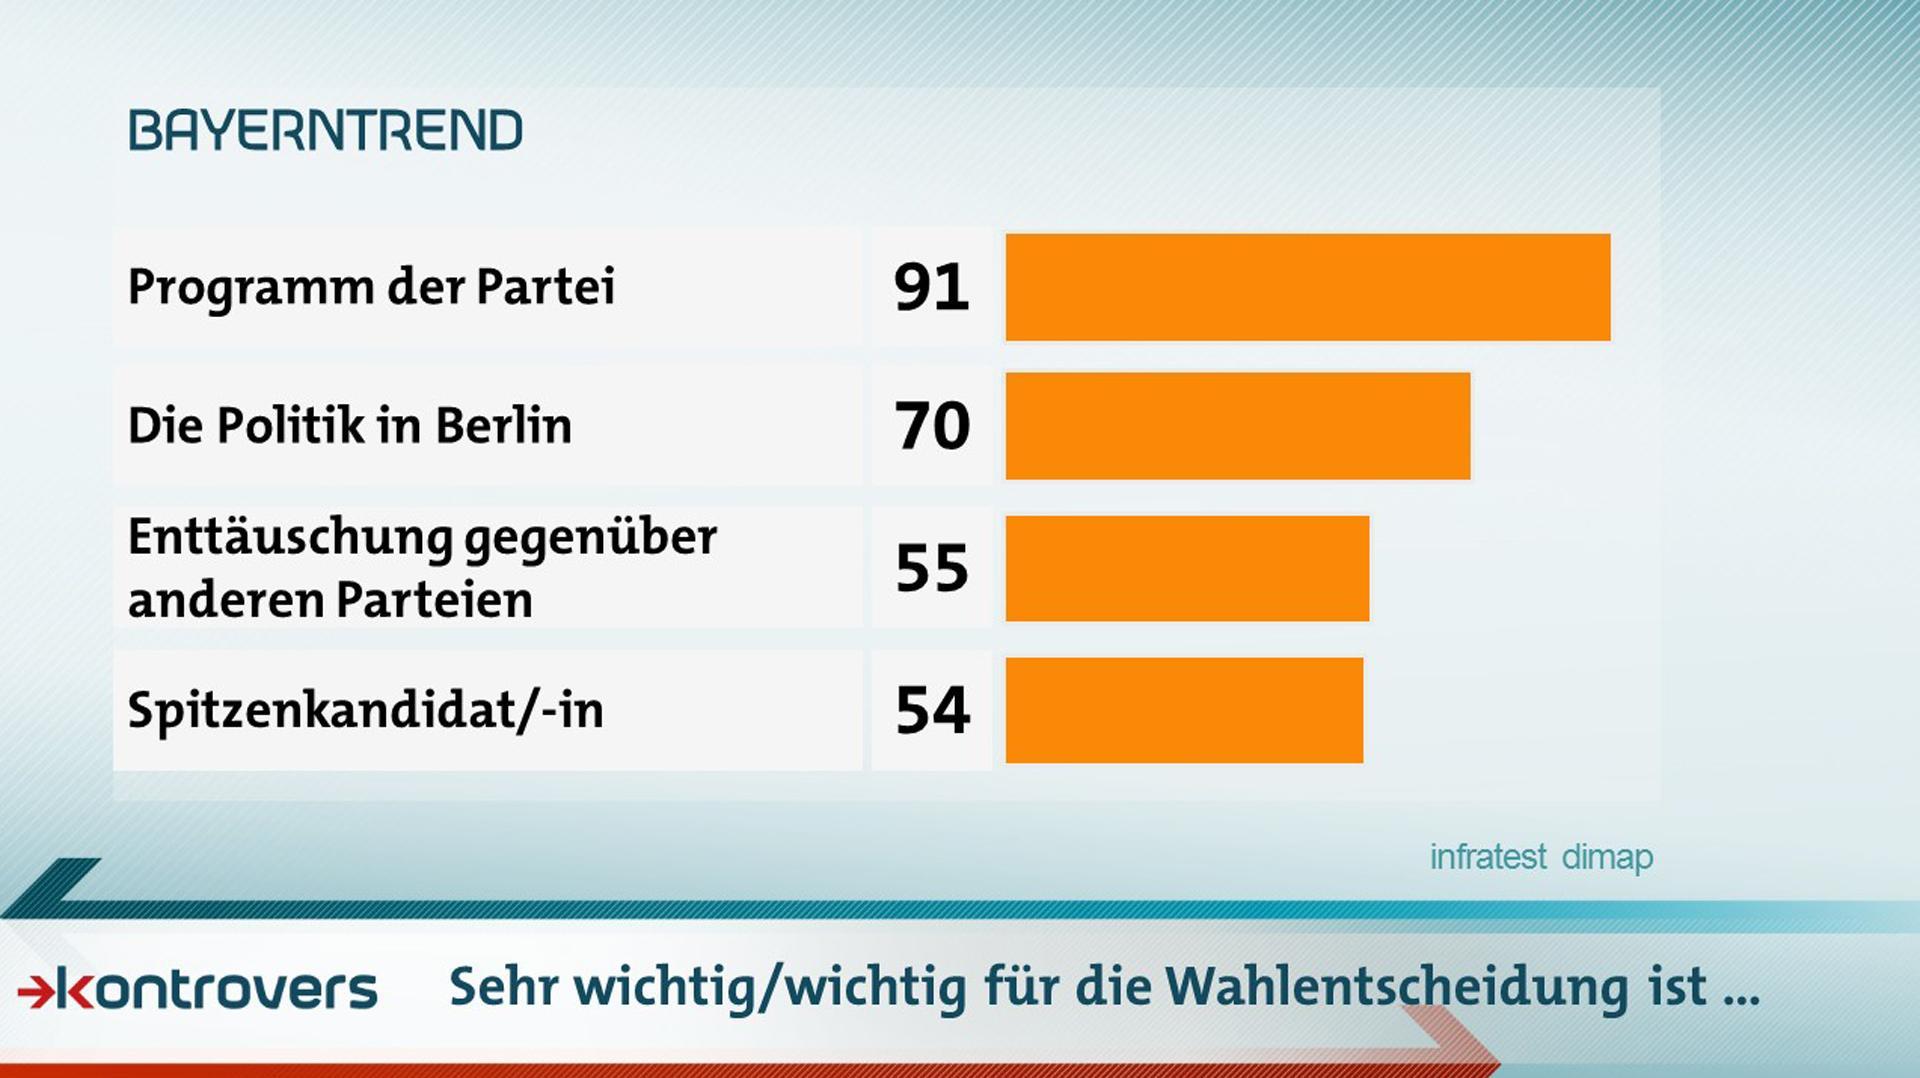 Was für die Wahlentscheidung wichtig für die Wähler ist: Programm der Partei 91 Prozent, Politik in Berlin 70, Enttäuschung gegenüber anderen Parteien 55, Spitzenkandidat/in 54